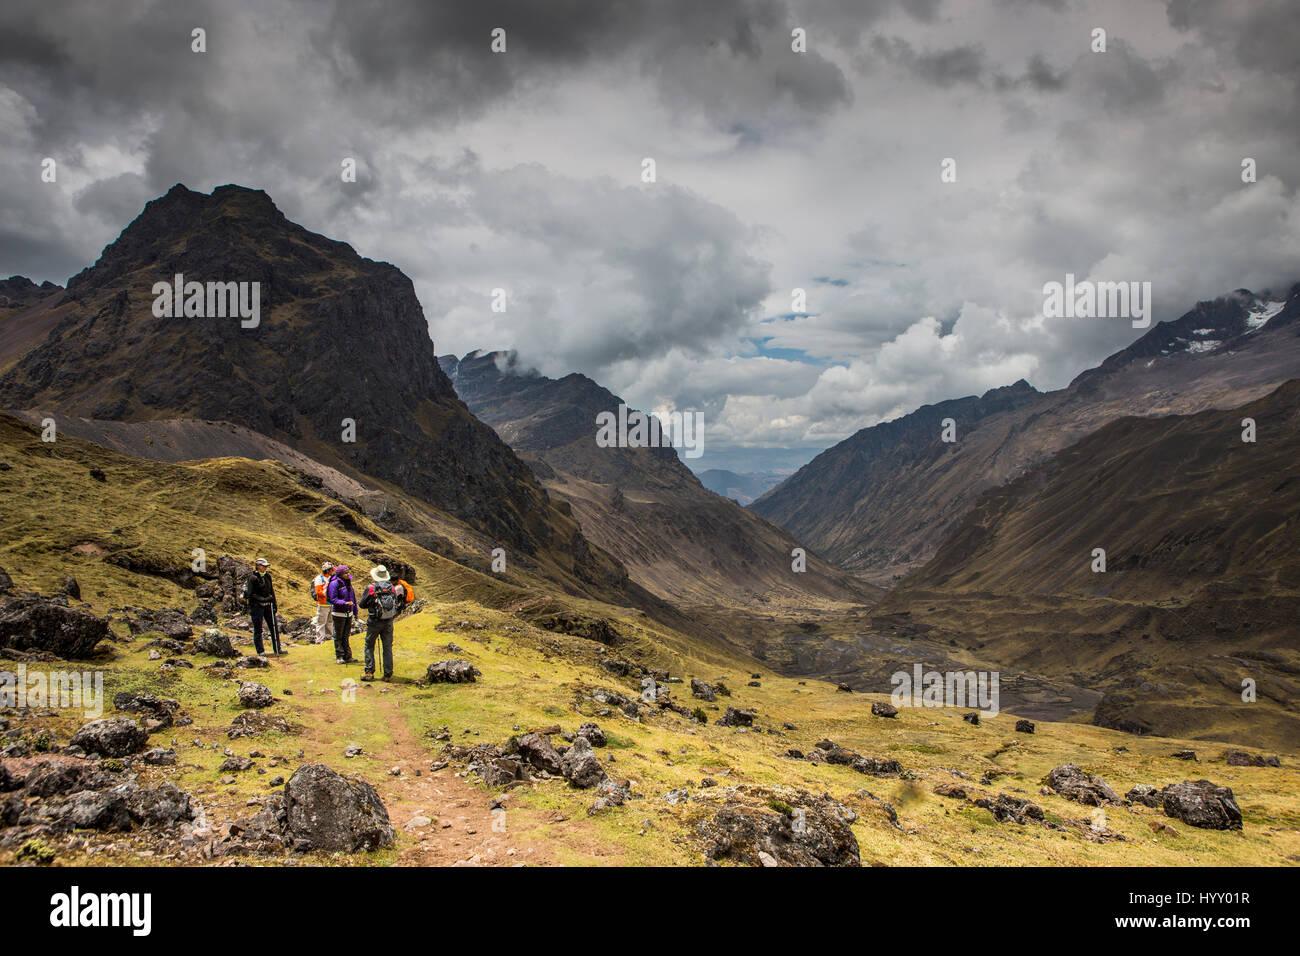 Les Lares District de Pérou. Les touristes en randonnée prendre une pause Photo Stock